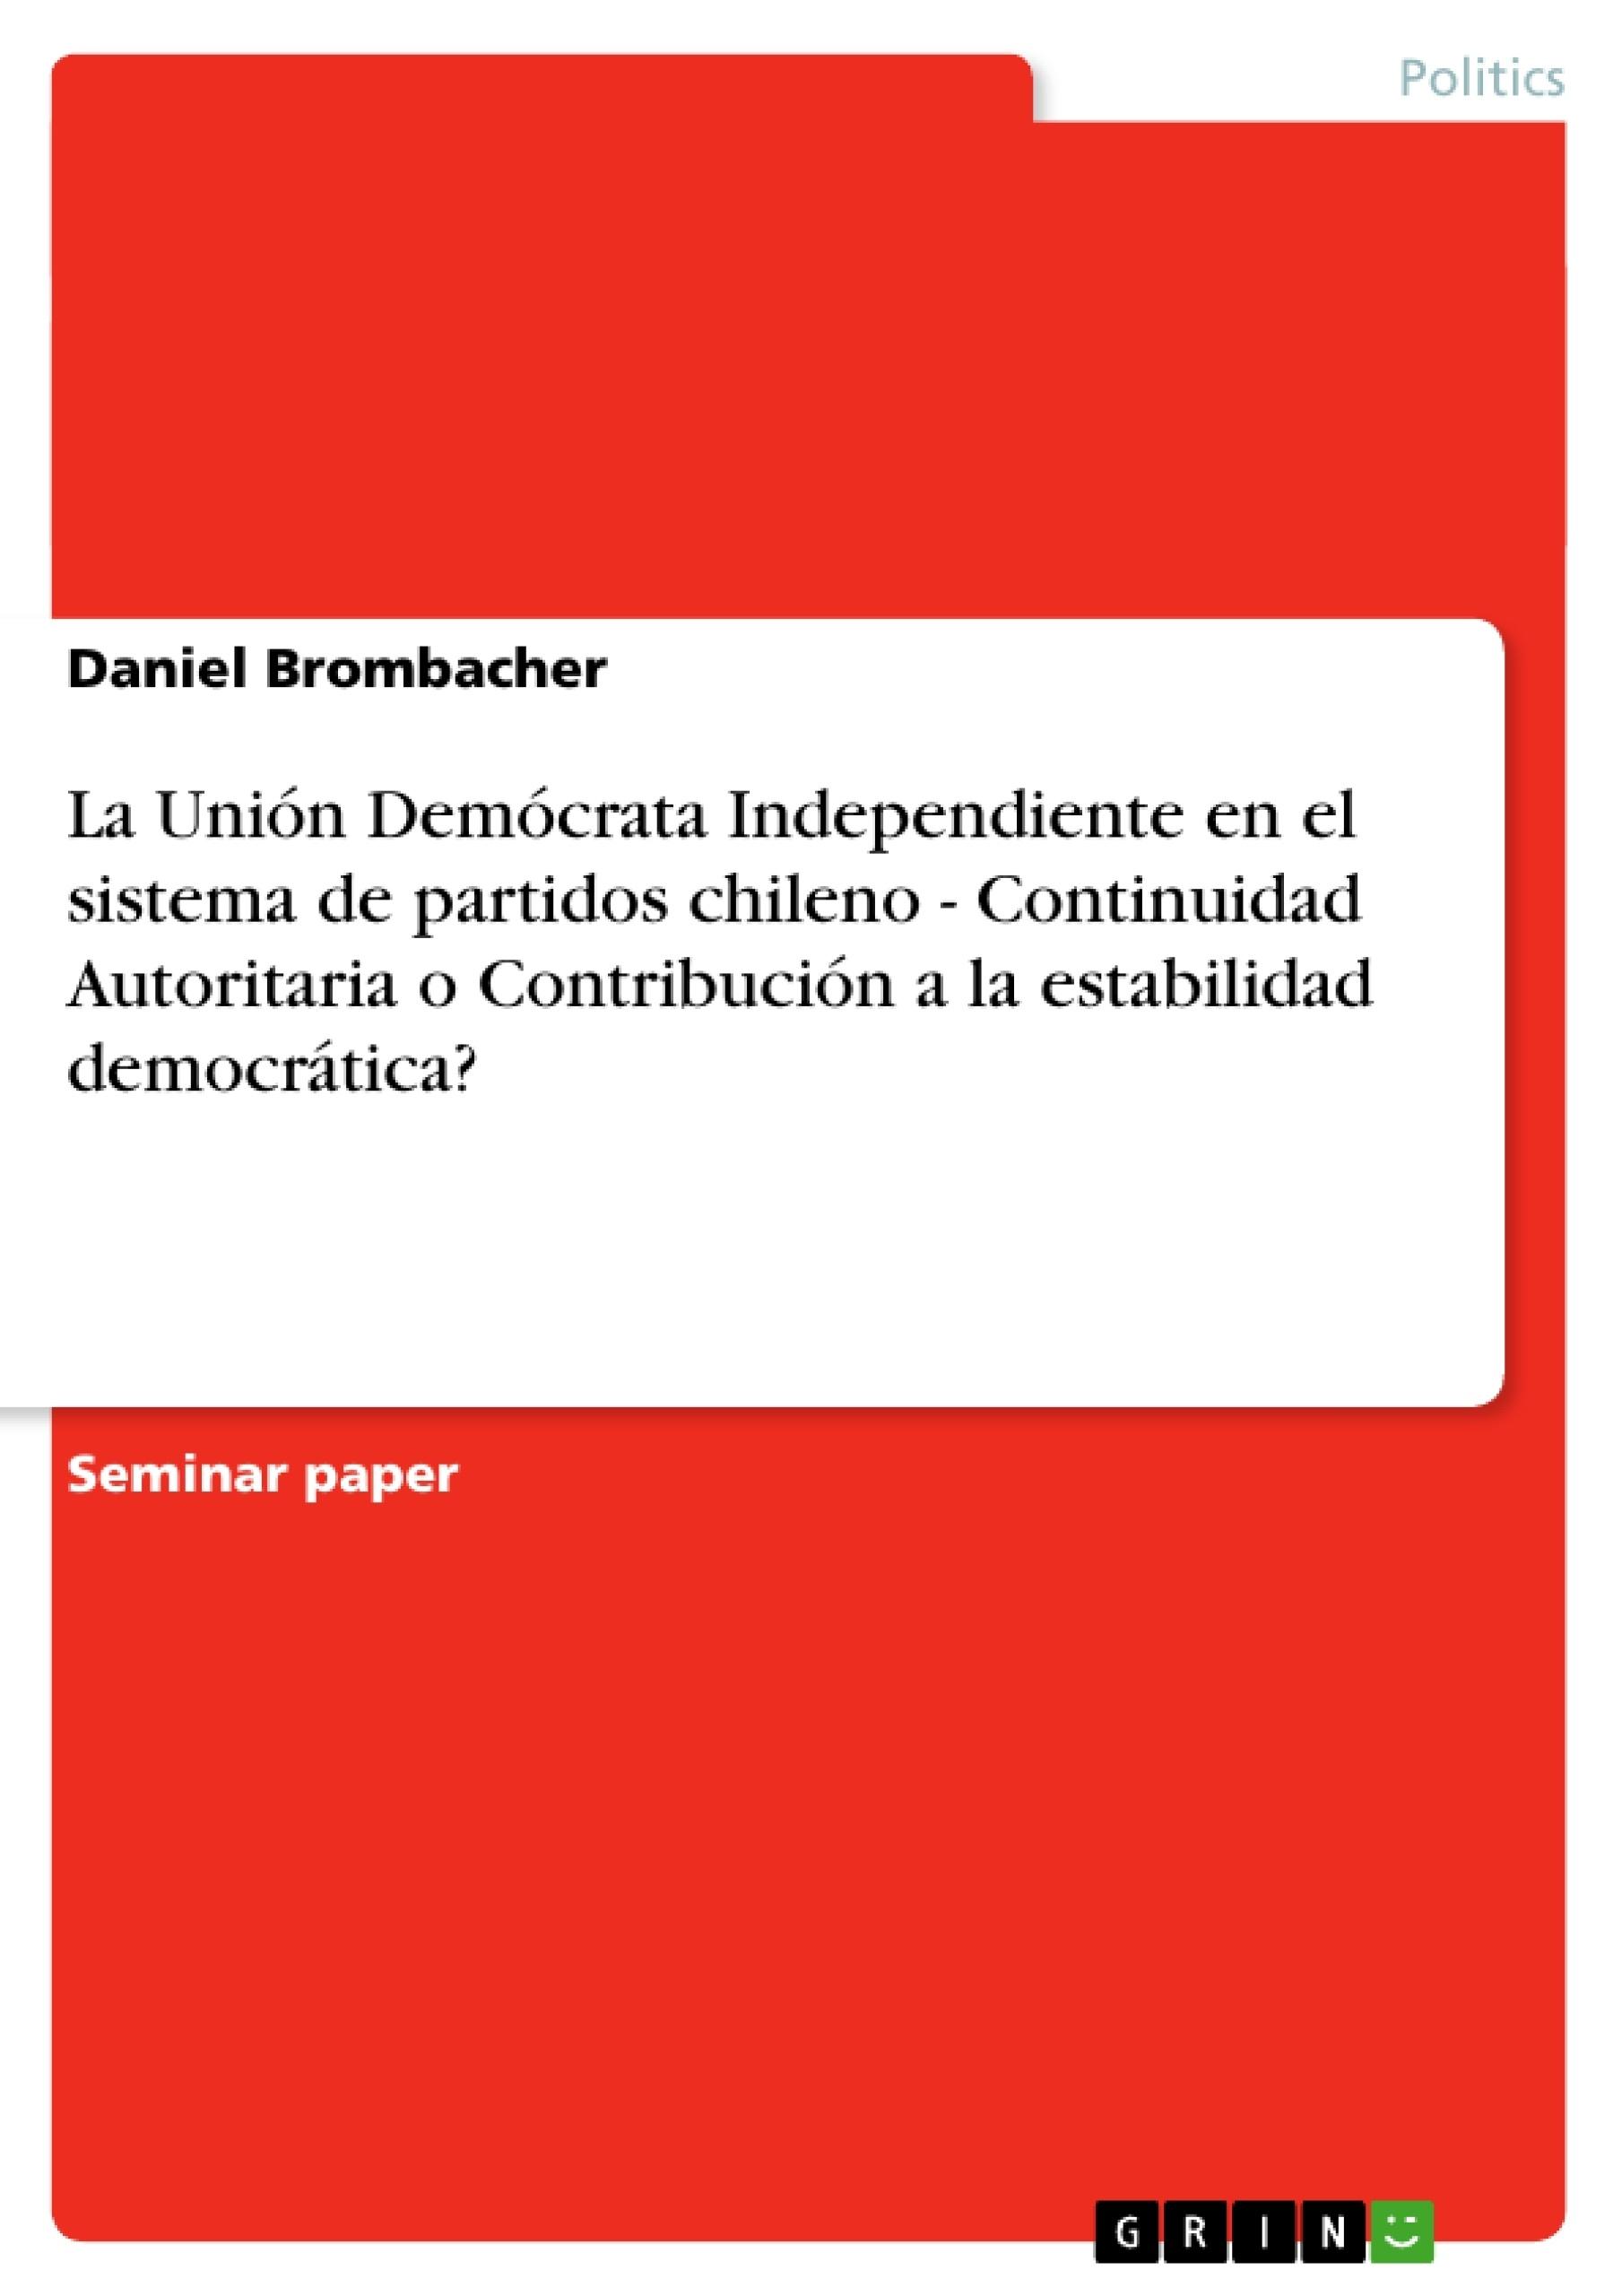 Título: La Unión Demócrata Independiente en el sistema de partidos chileno - Continuidad Autoritaria o Contribución a la estabilidad democrática?